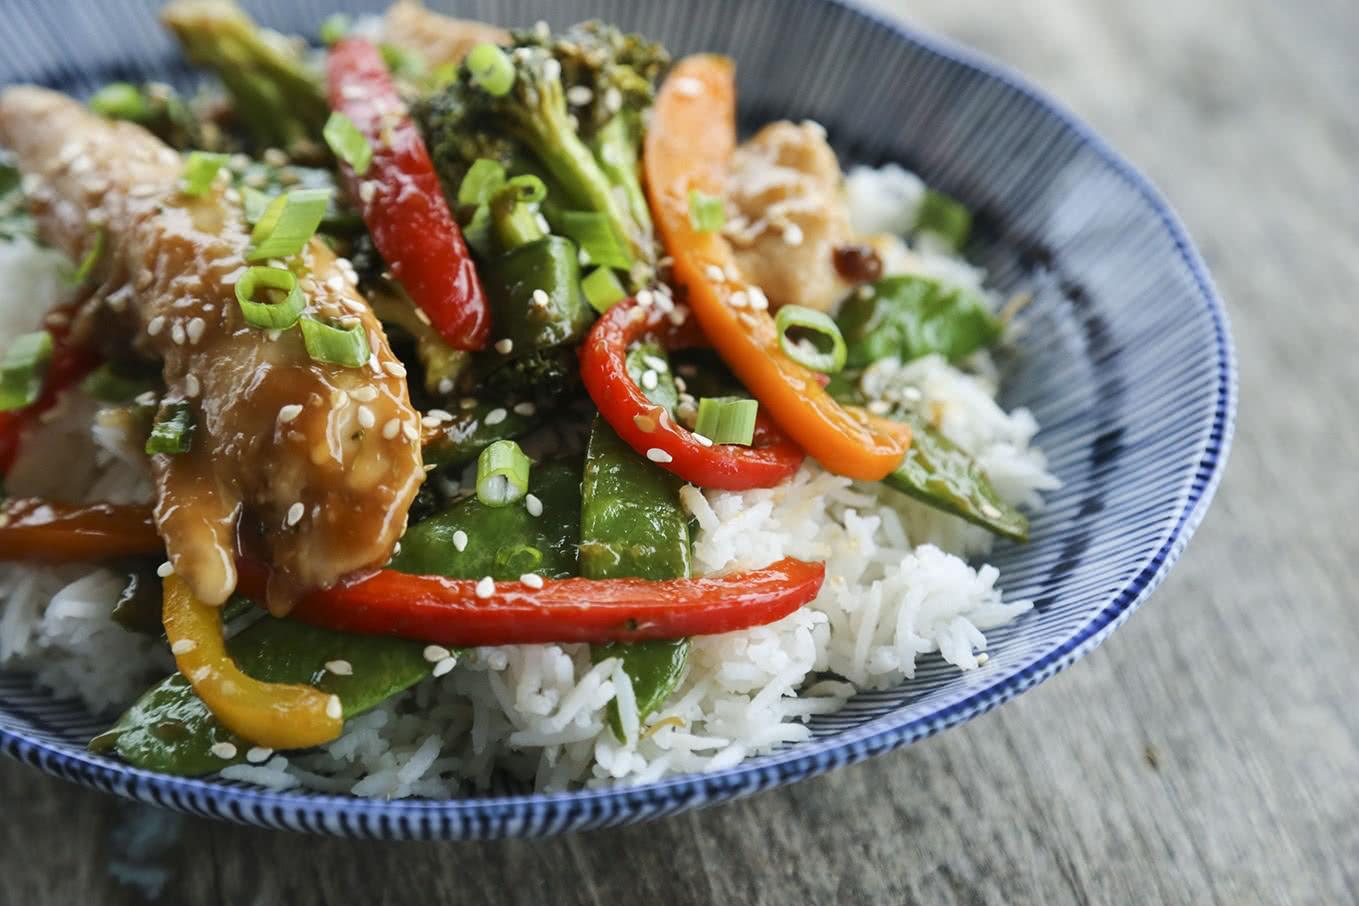 foodie_asian-chicken-stir-fry-sheet-pan-meal-2.jpg